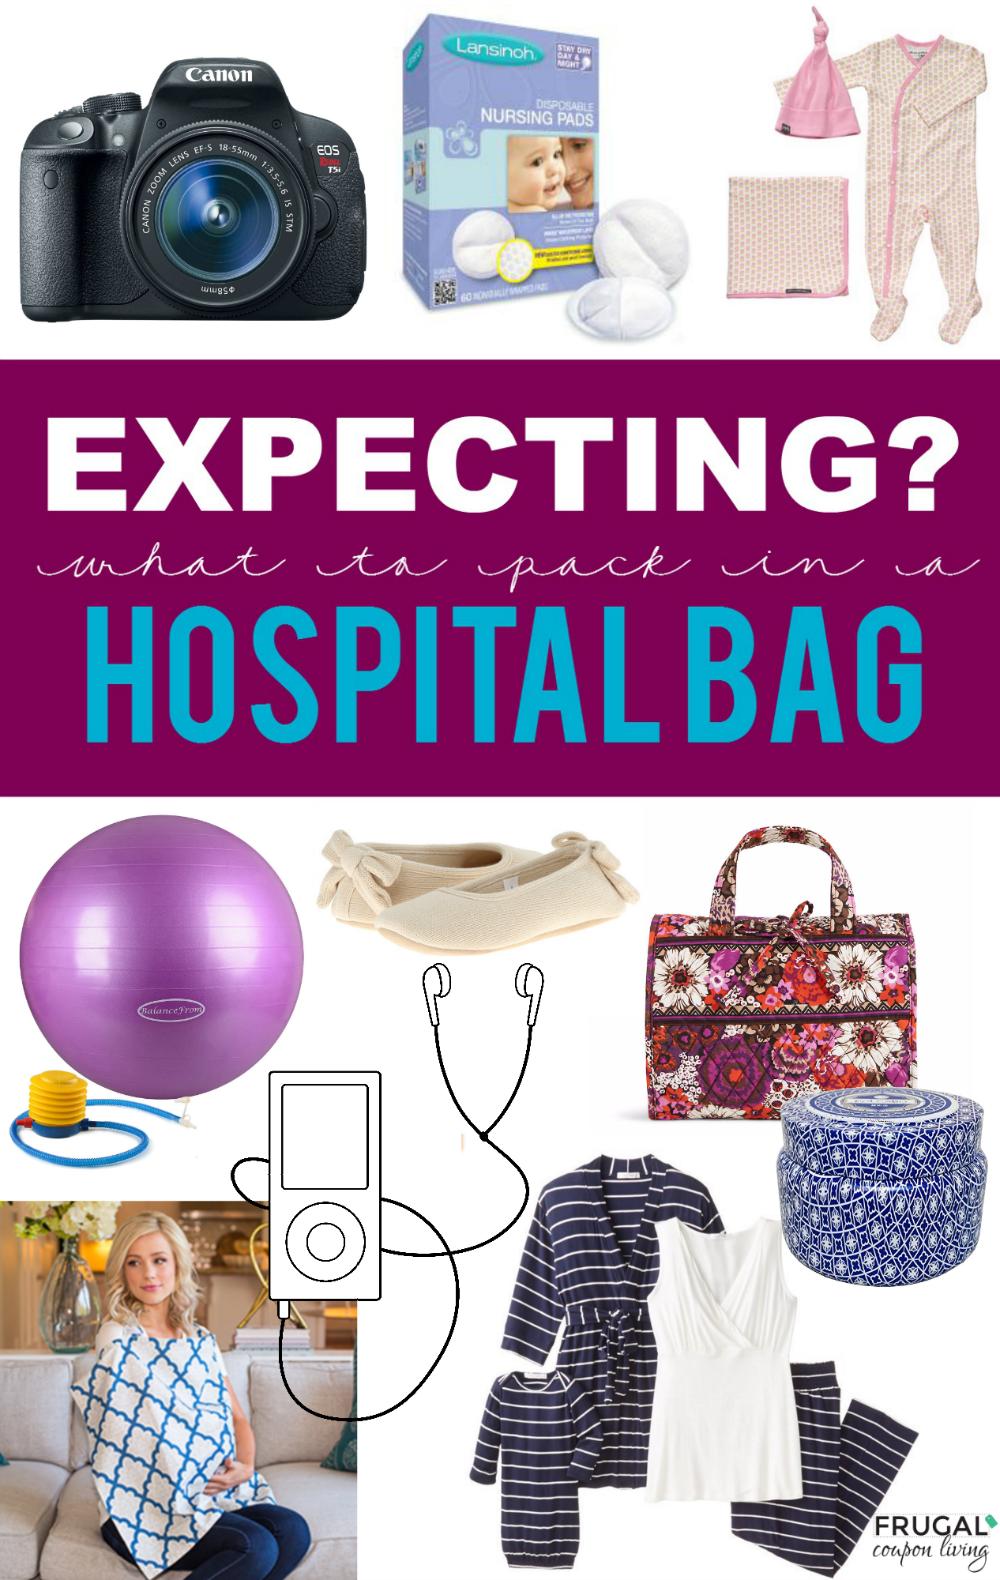 hospital-bag-collage-frugal-coupon-living